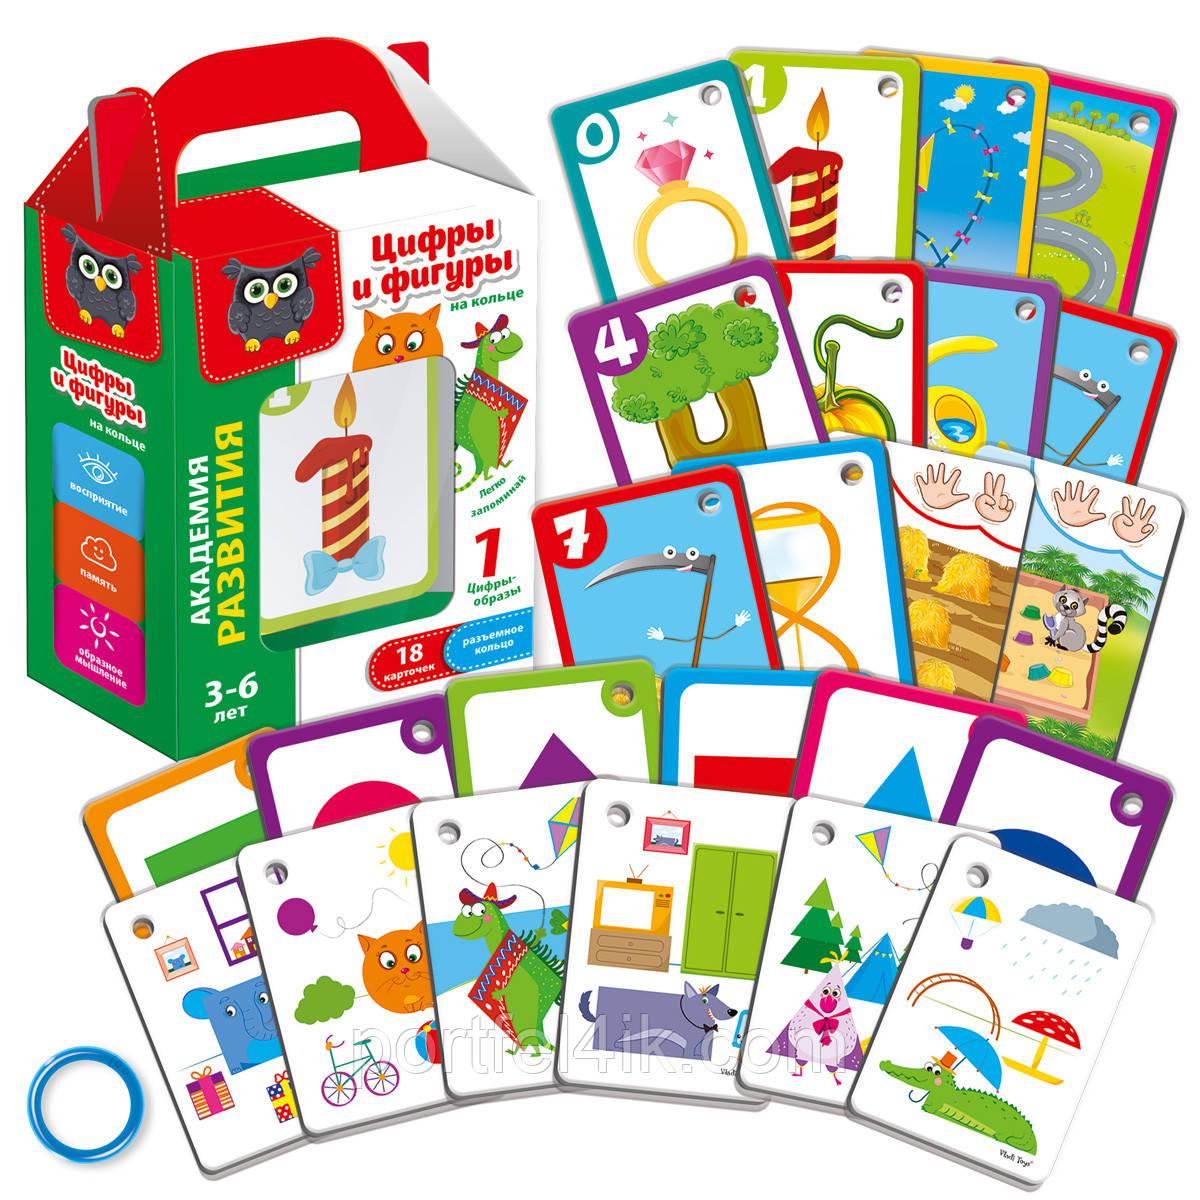 Картки на кільці «Цифри та фігури»